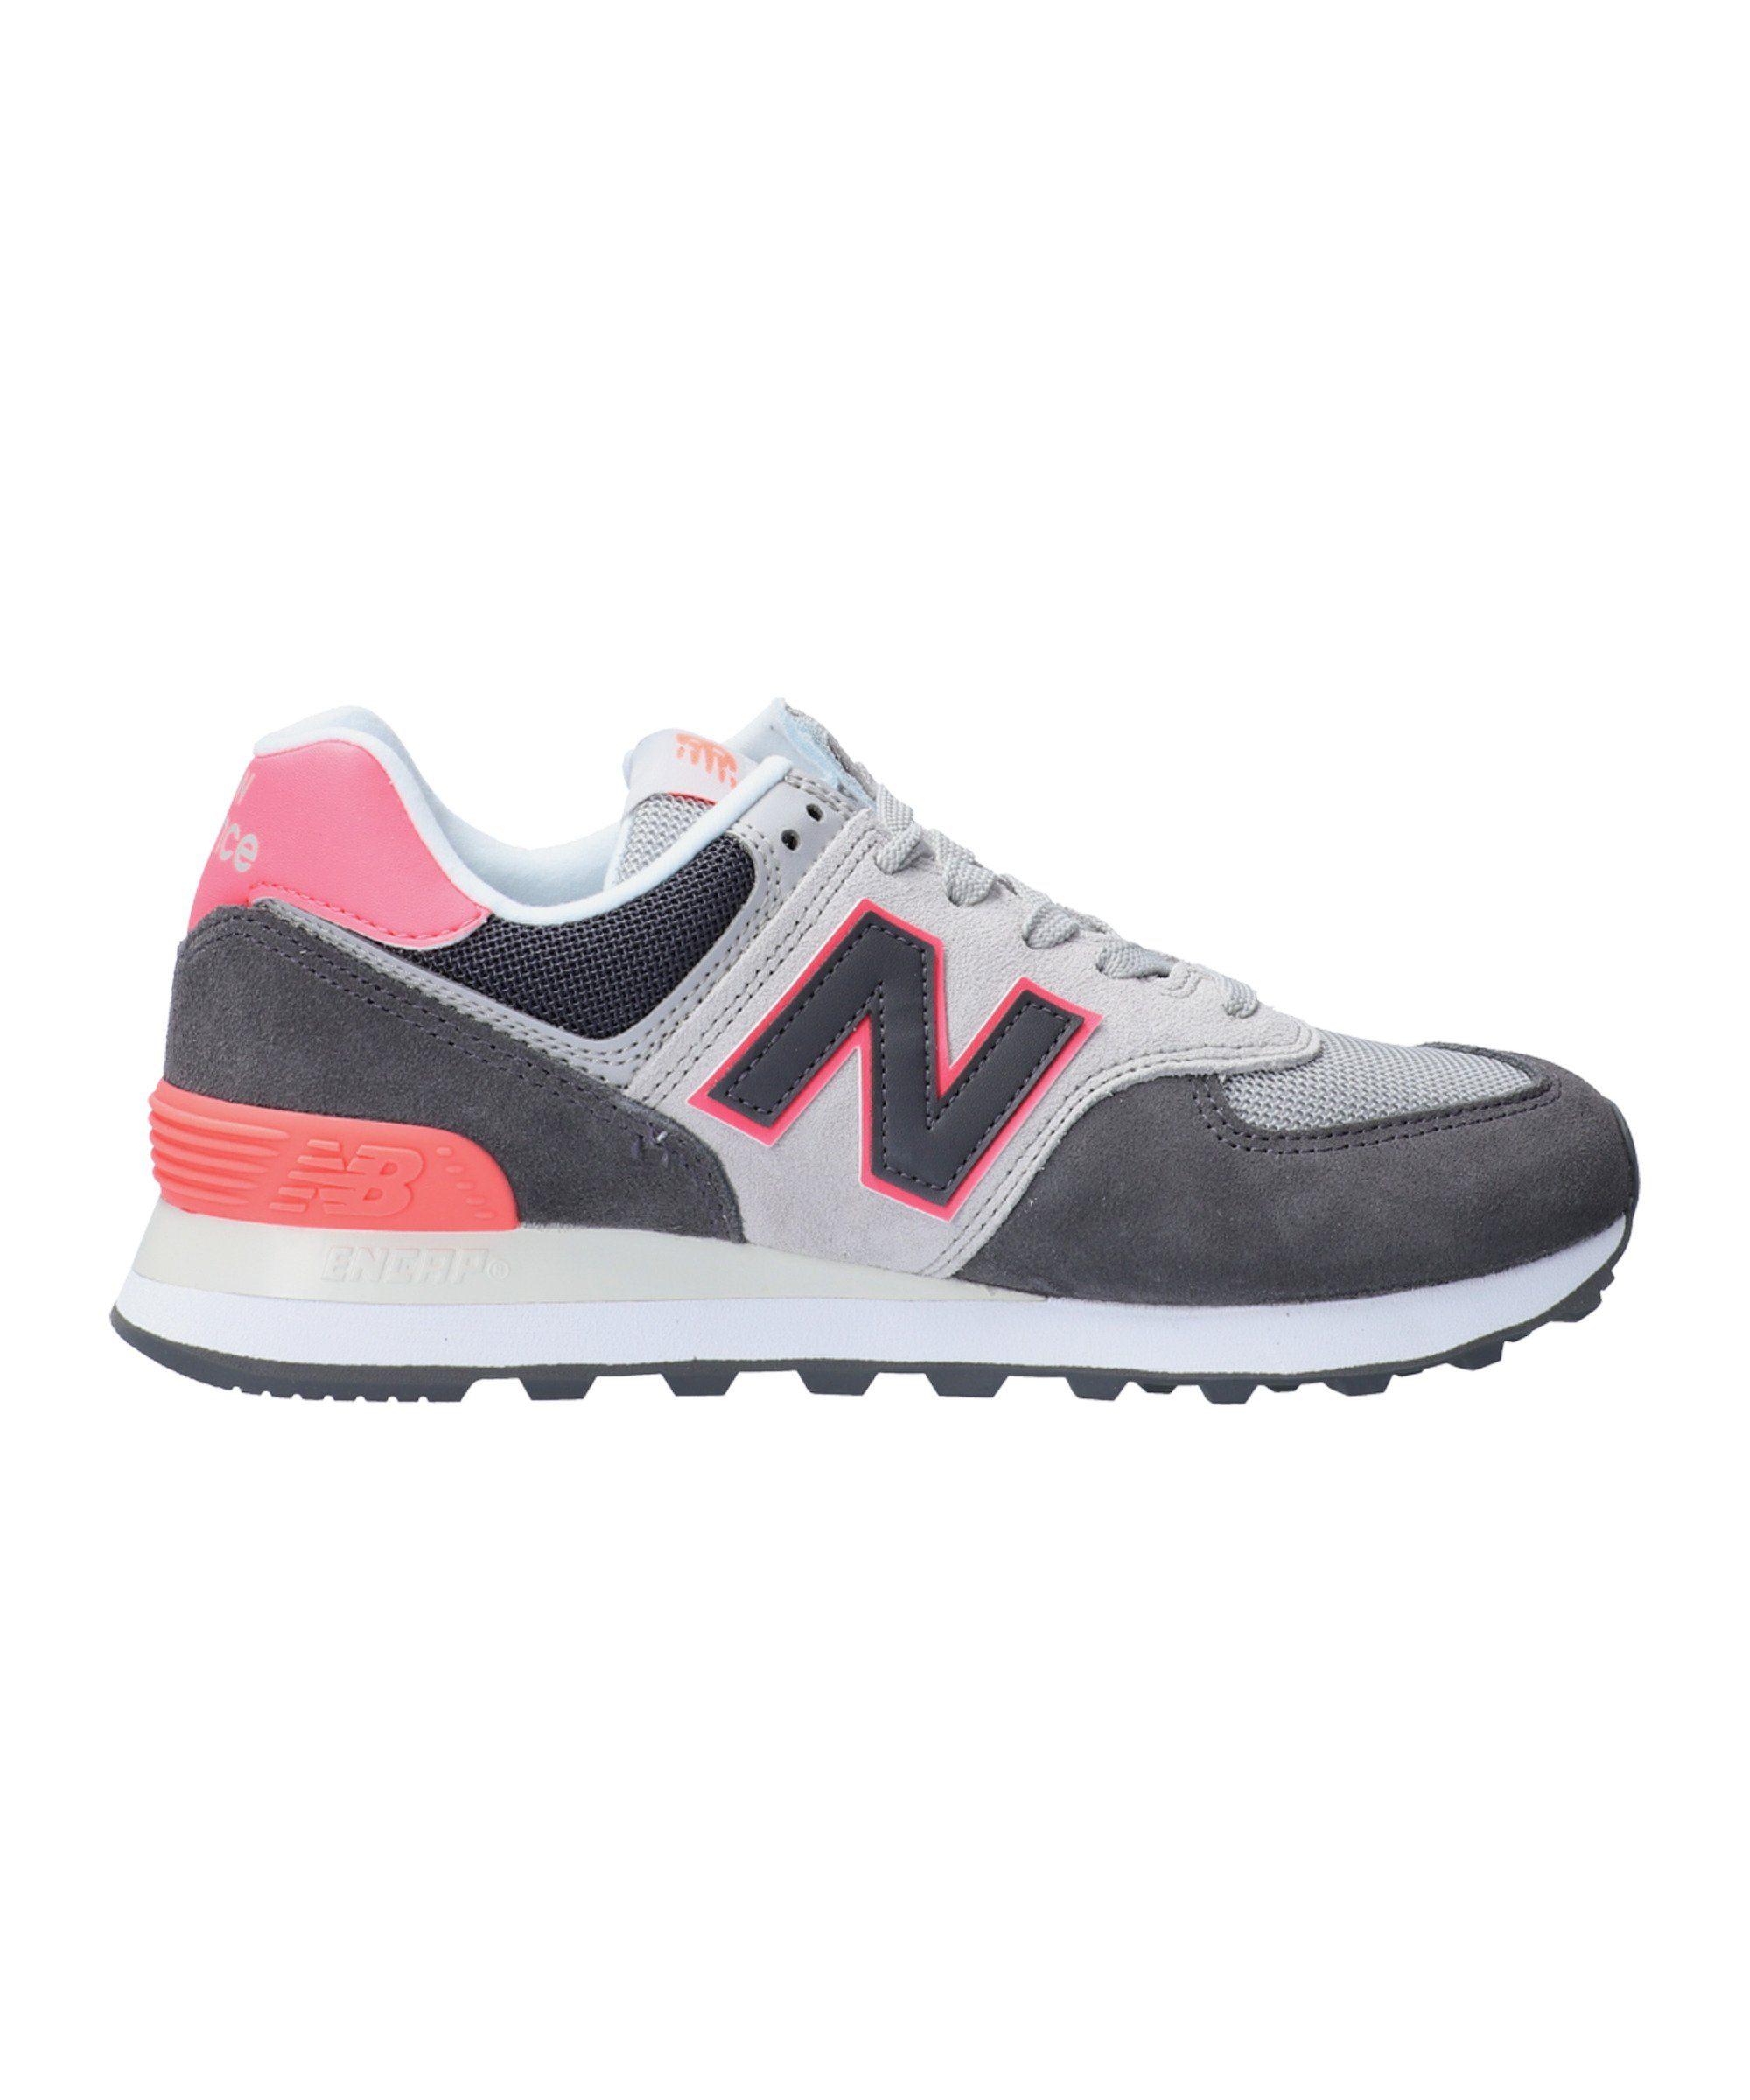 New Balance »WL574 B Damen« Sneaker online kaufen | OTTO